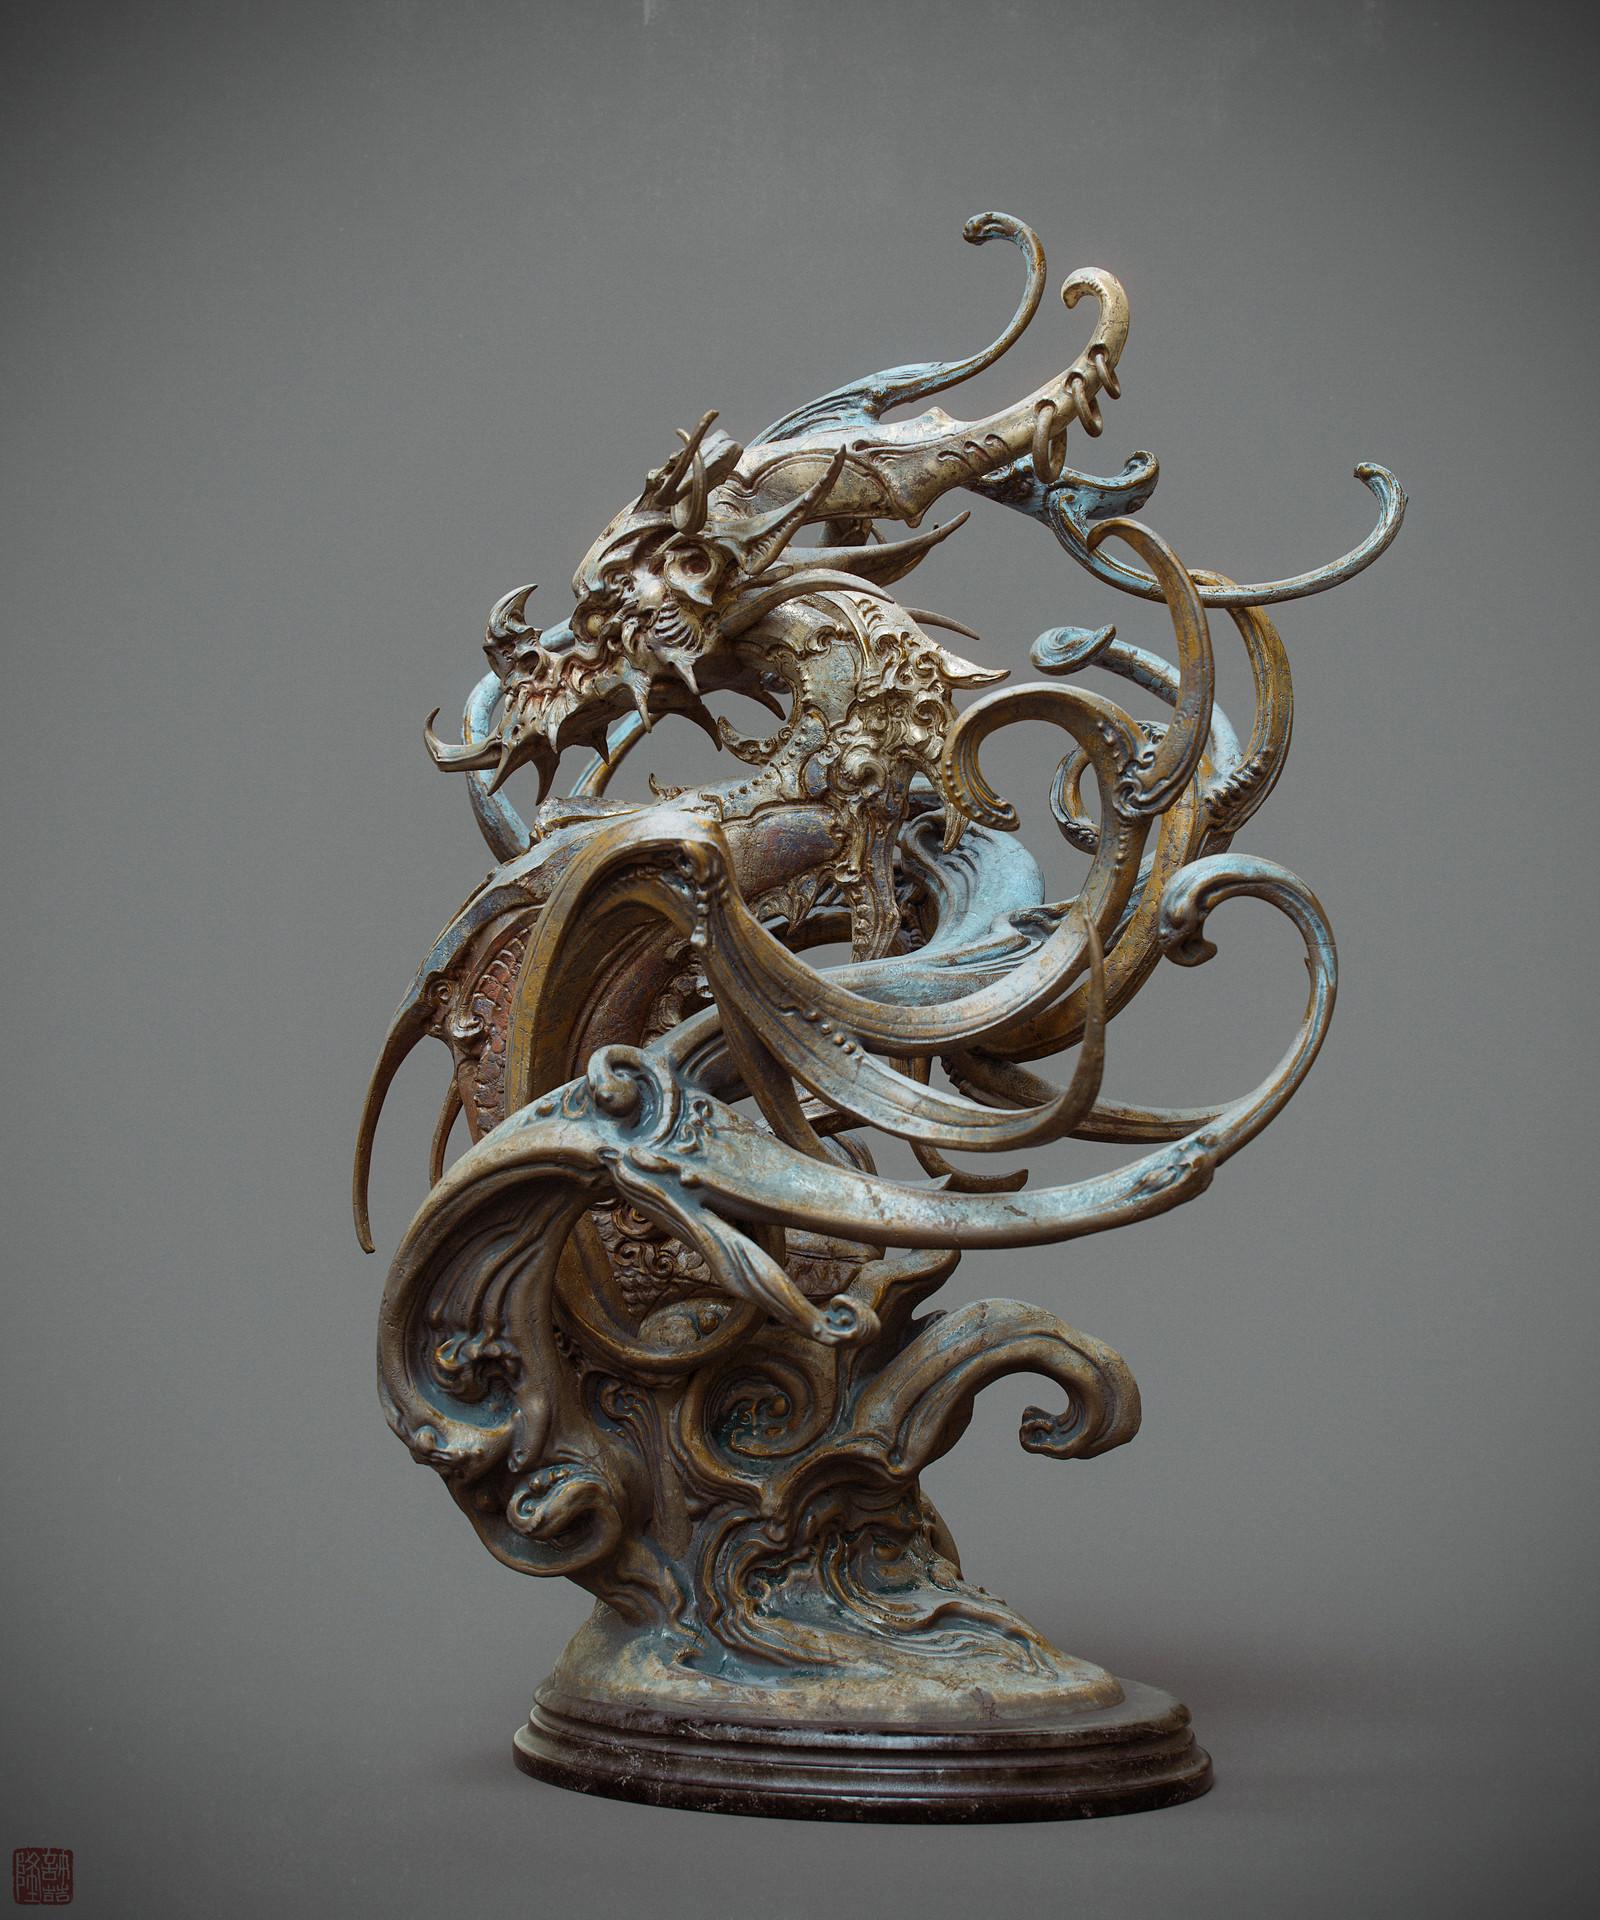 Zhelong xu zhelong xu drgaon statue03 websize